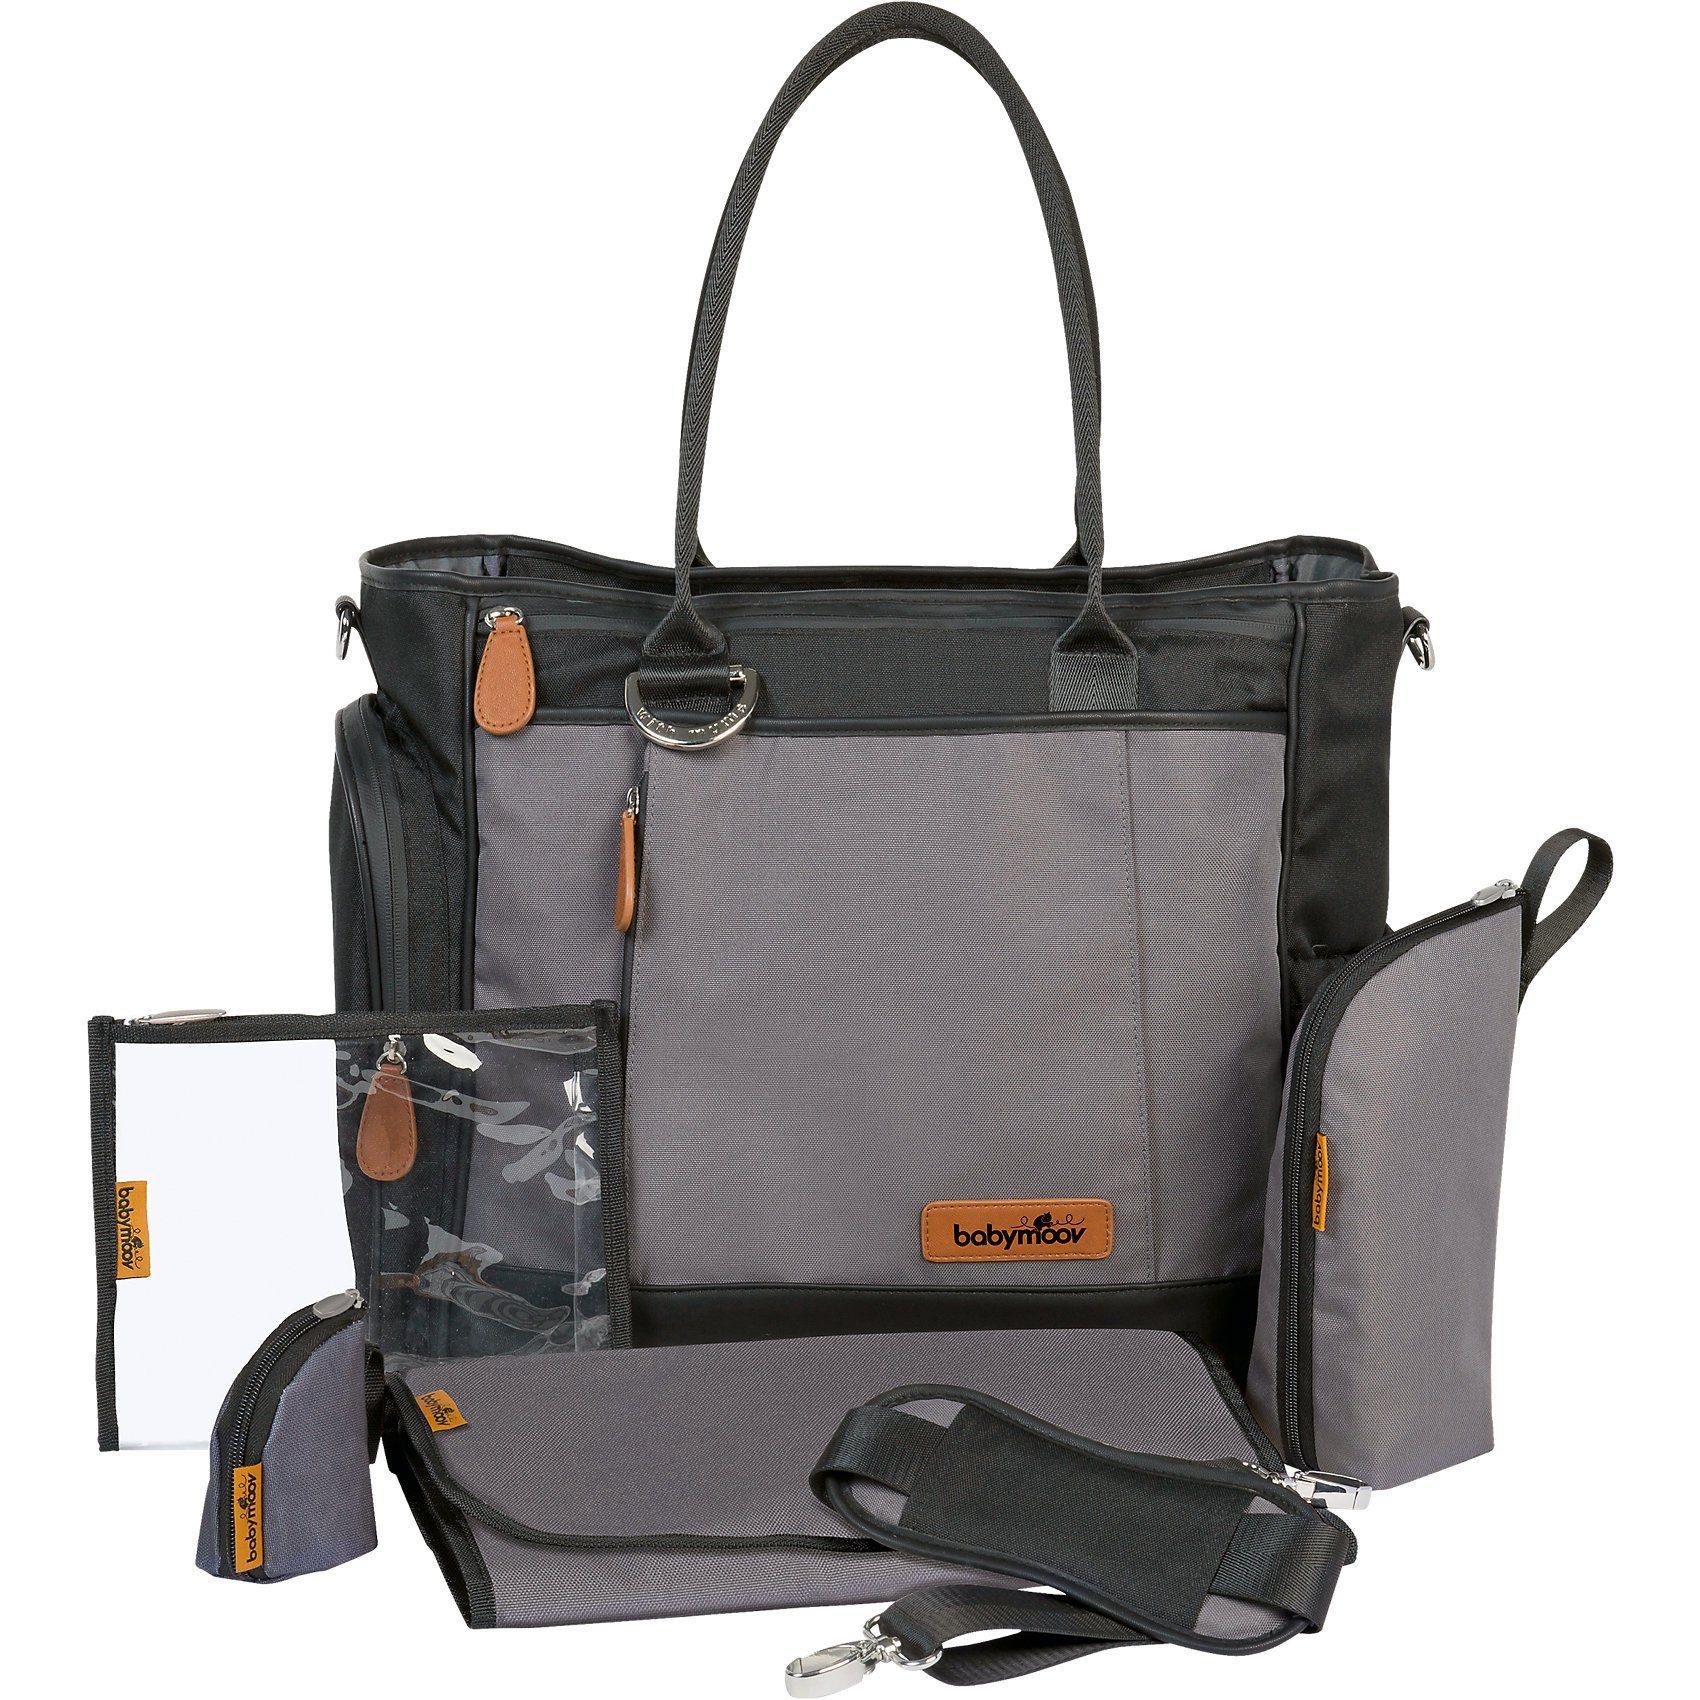 BABYMOOV Wickeltasche Essential Bag, schwarz